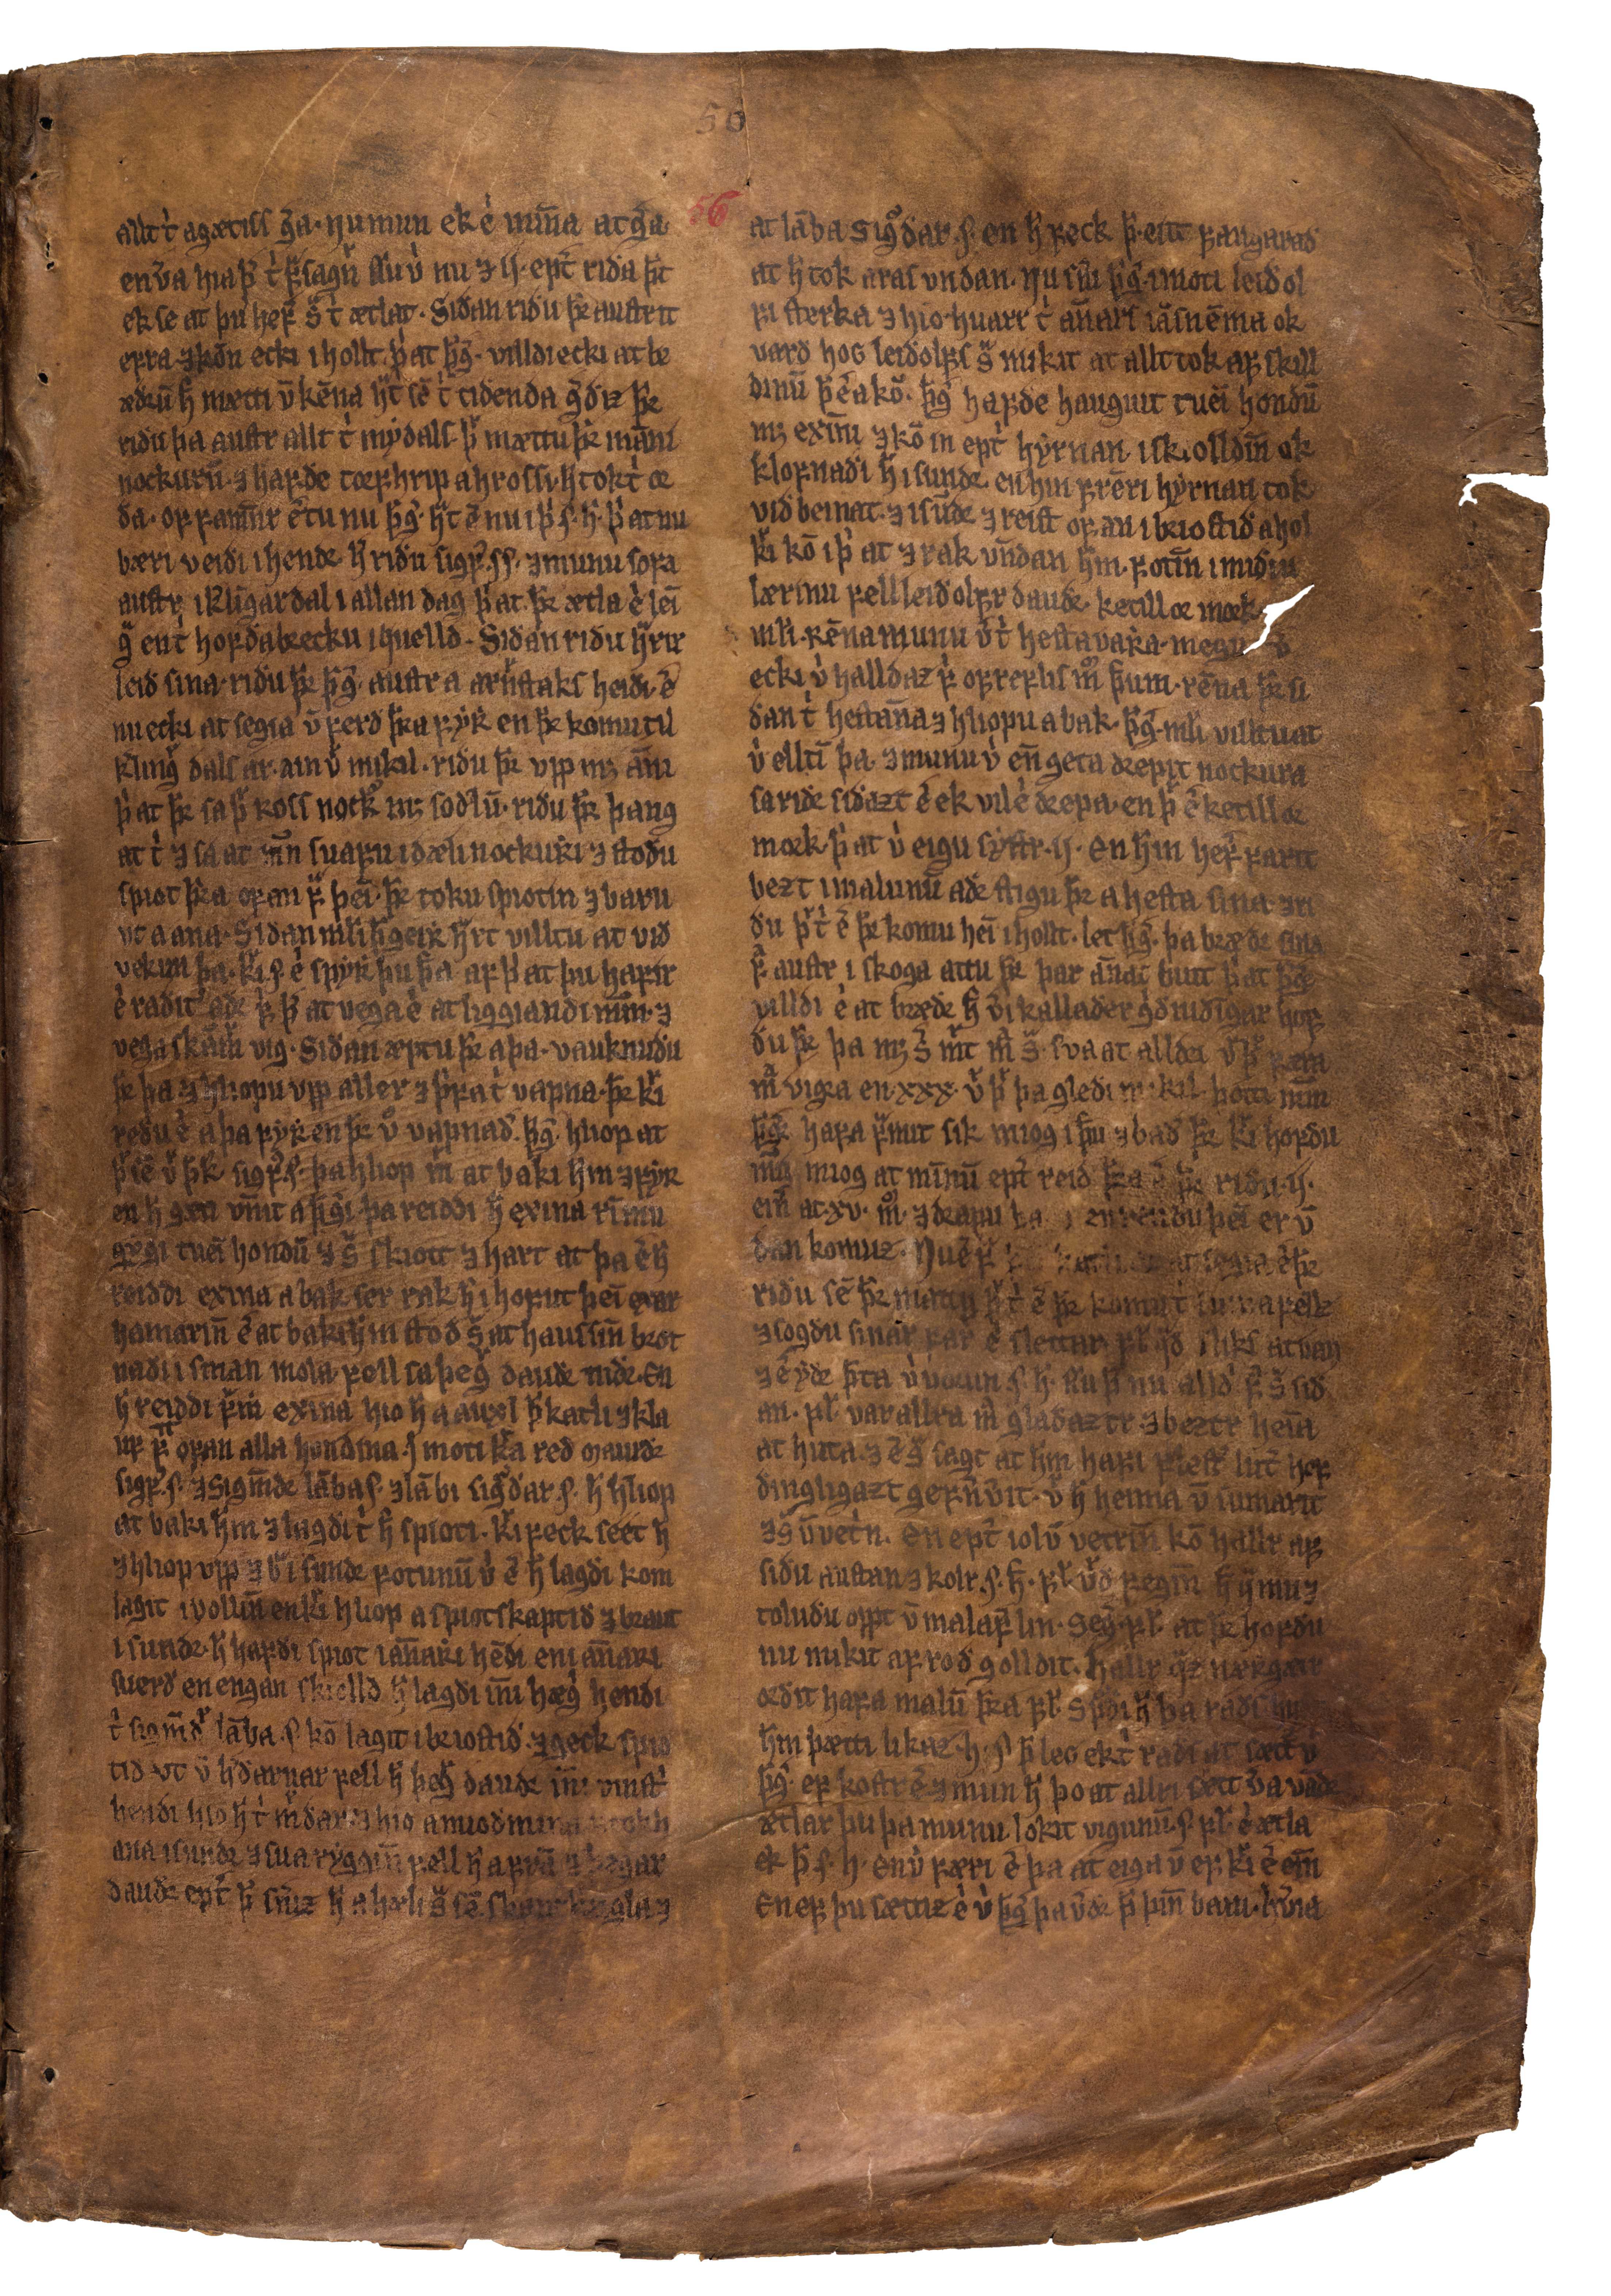 AM 132 fol - 56r